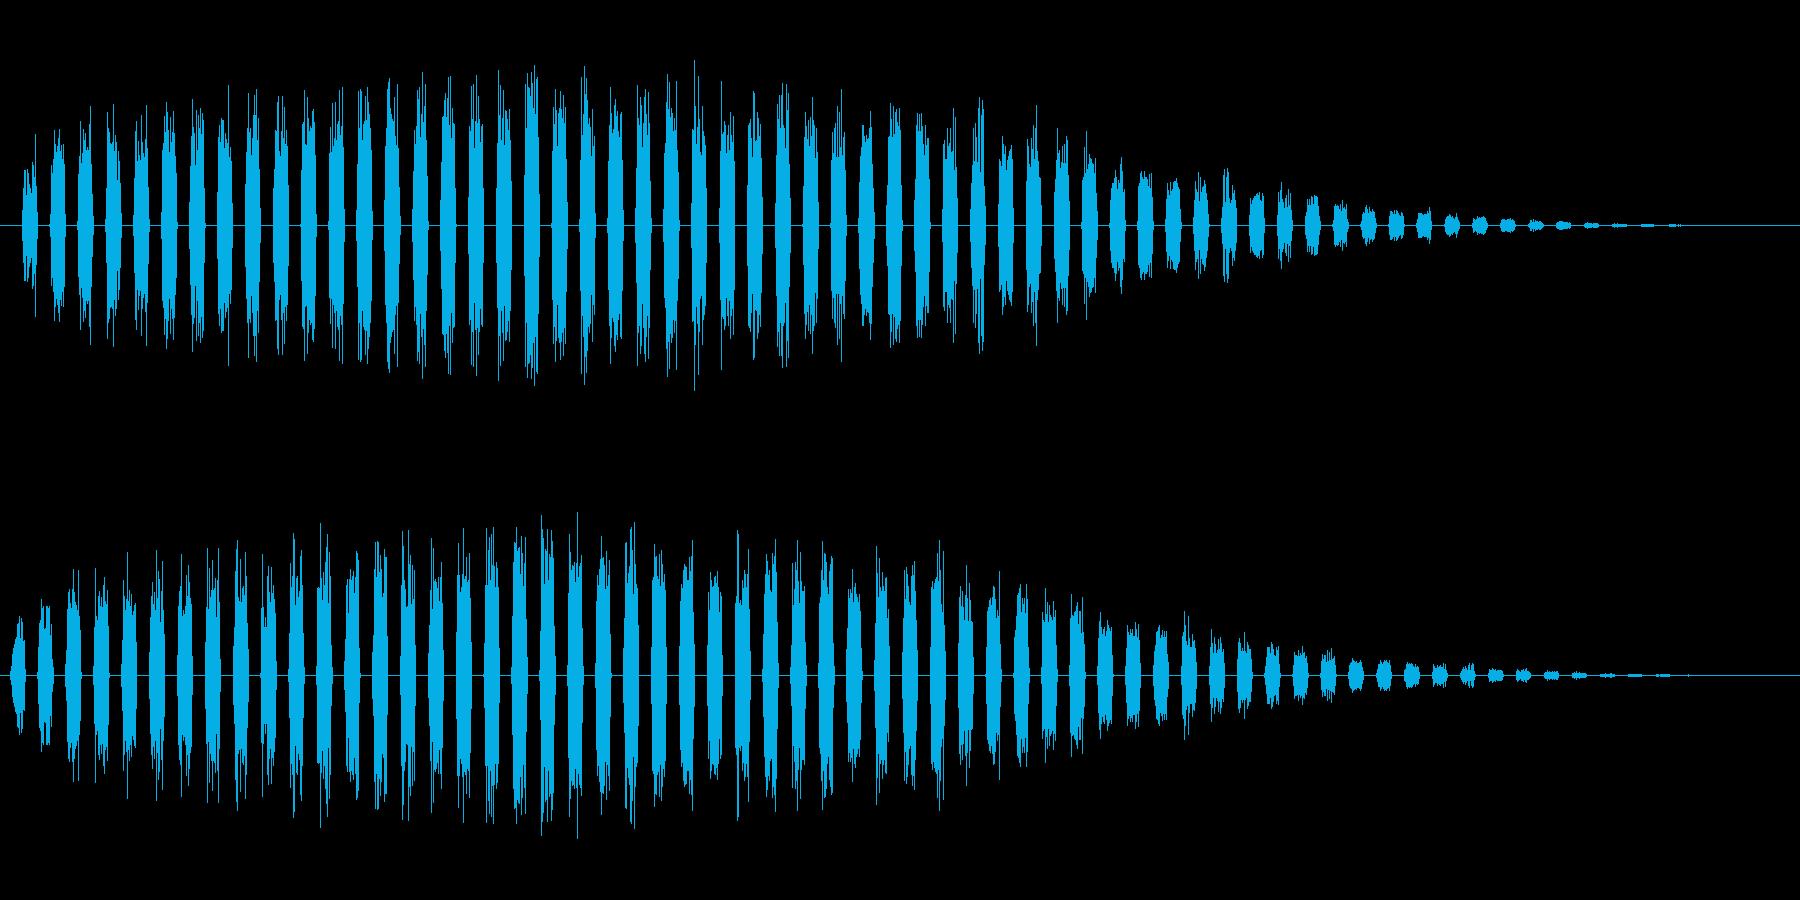 パラララン(高音で細かく刻む効果音)の再生済みの波形